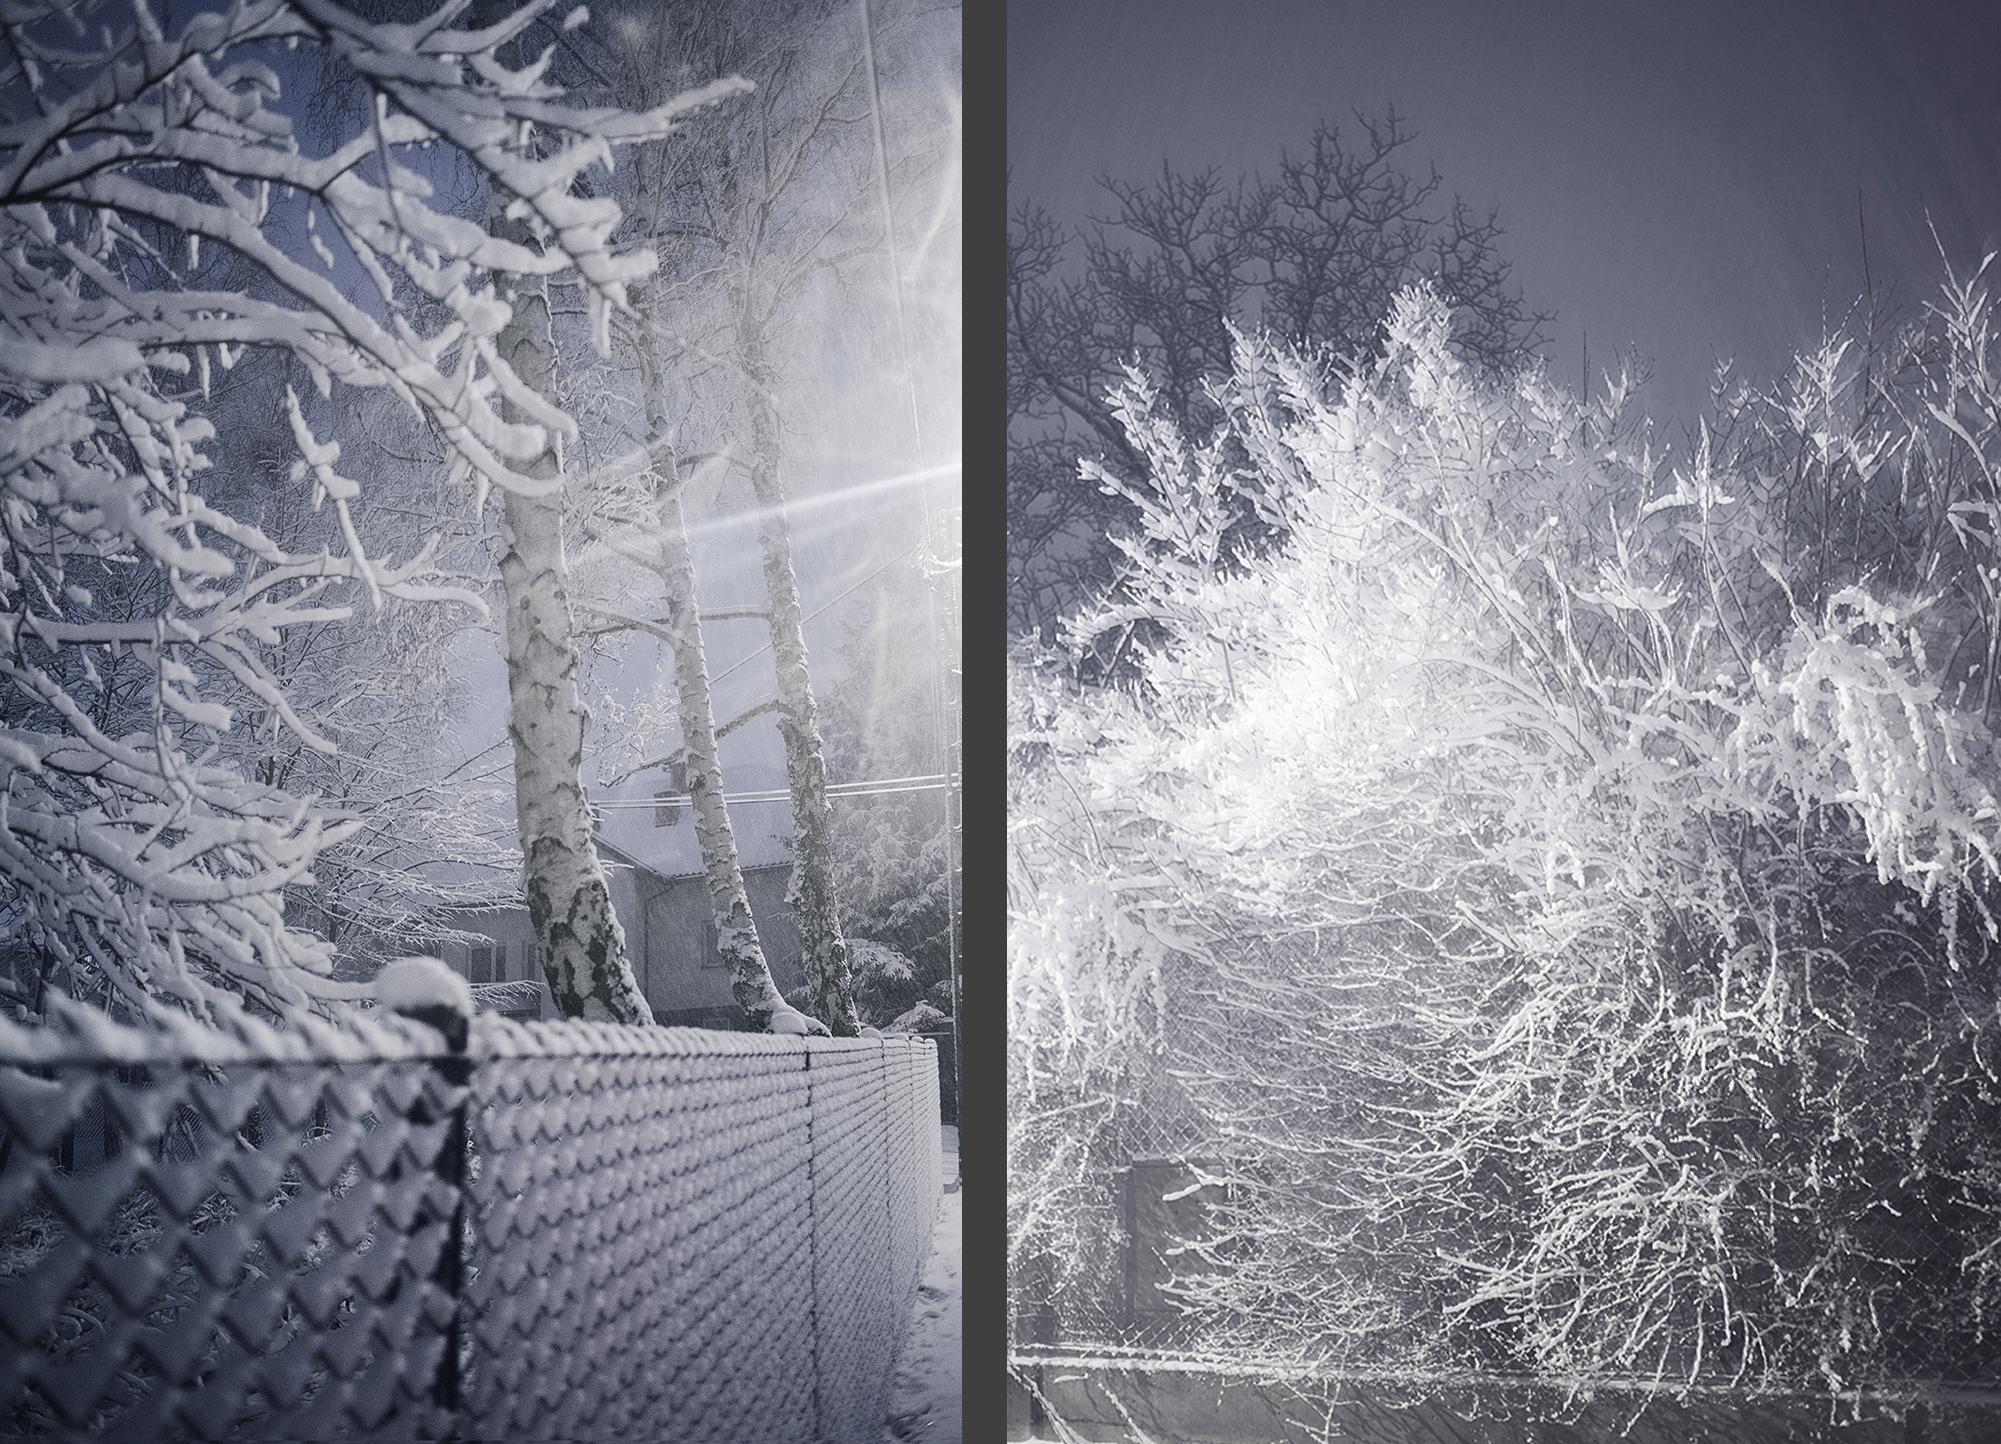 MILUNA-Ewa-Milun-Walczak-Zima-snieg-Piastow-plener-opady-biel-magia-zimy-zimno-chlod-piekno-Pod-pierzyna-1